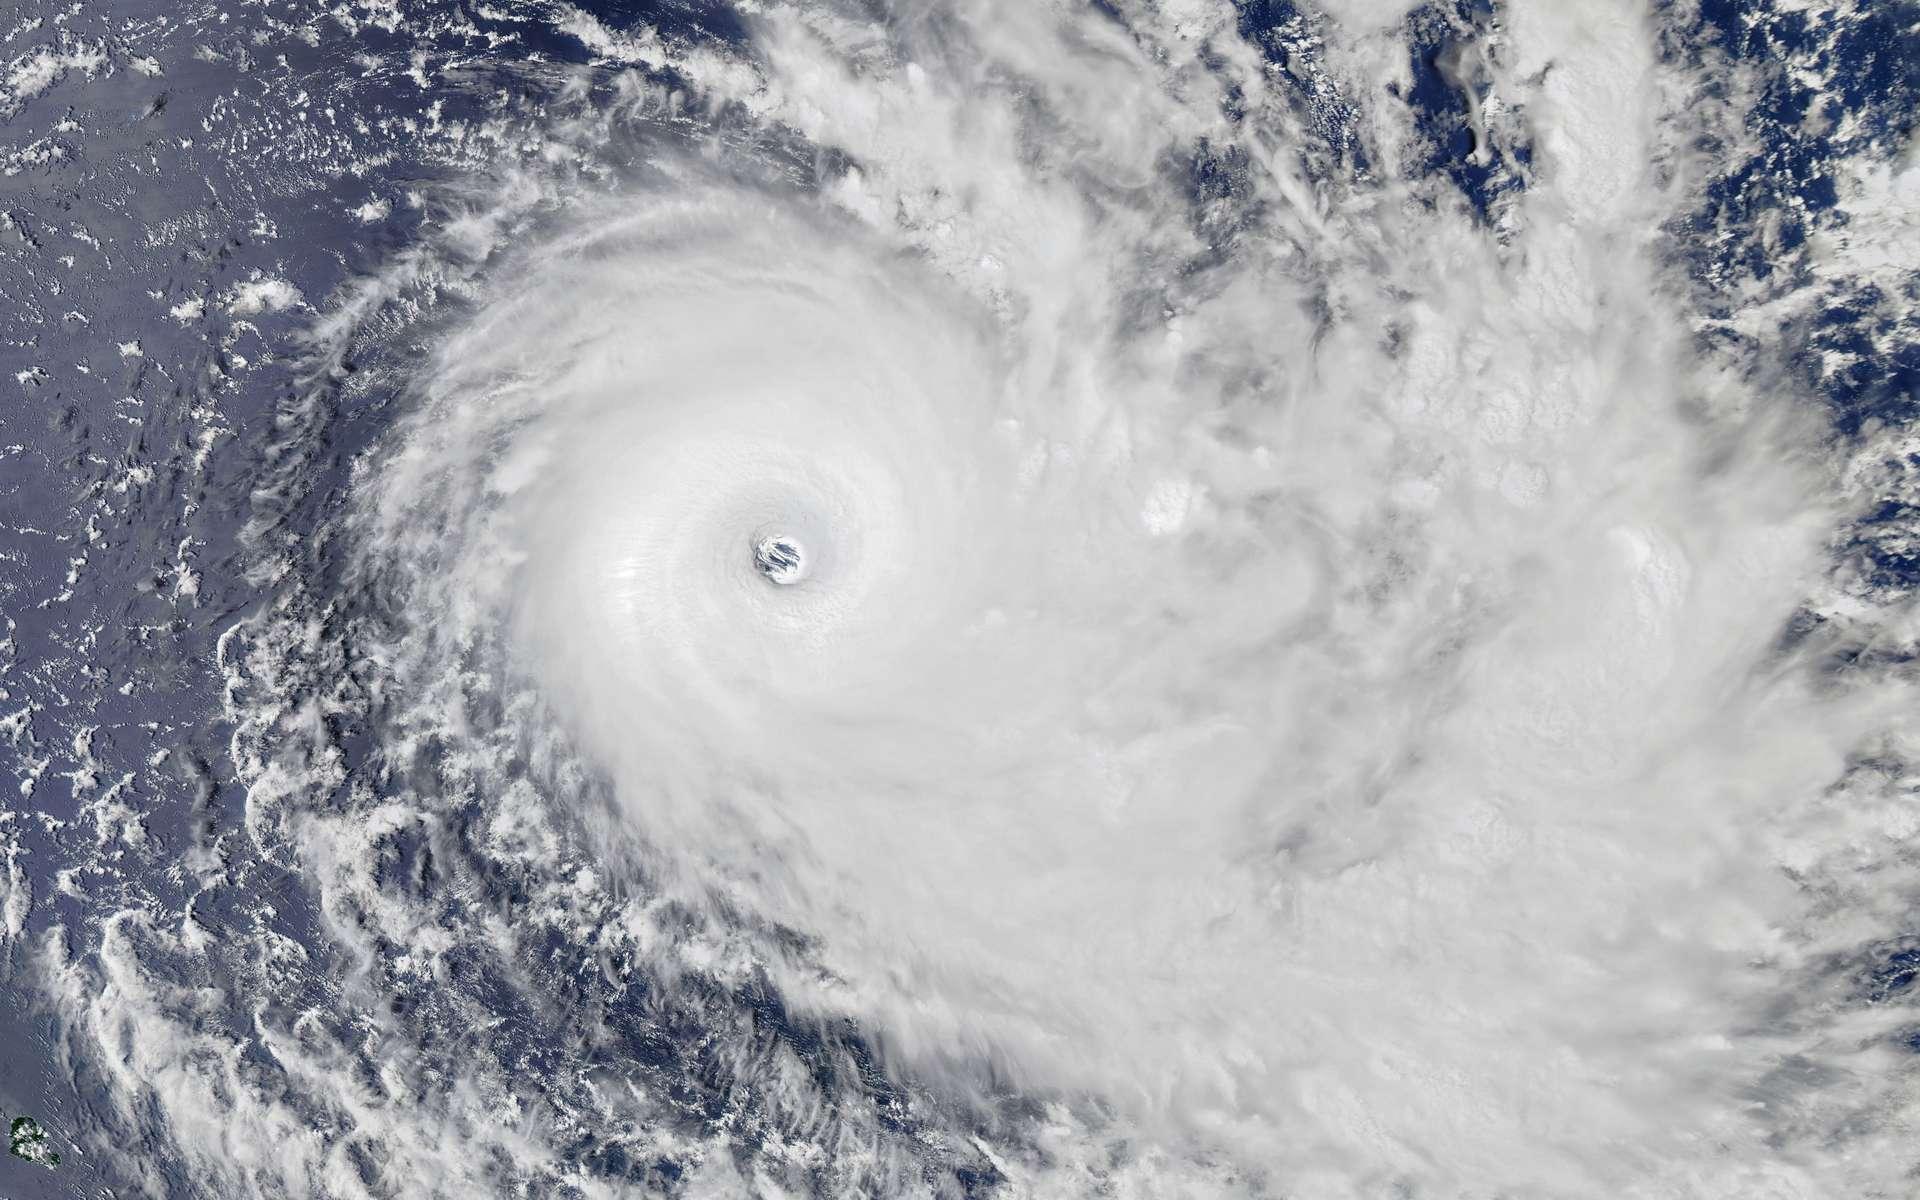 Le monstrueux cyclon Yasa, le 16 décembre 2020, photographié par le satellite Aqua de la Nasa. © Nasa